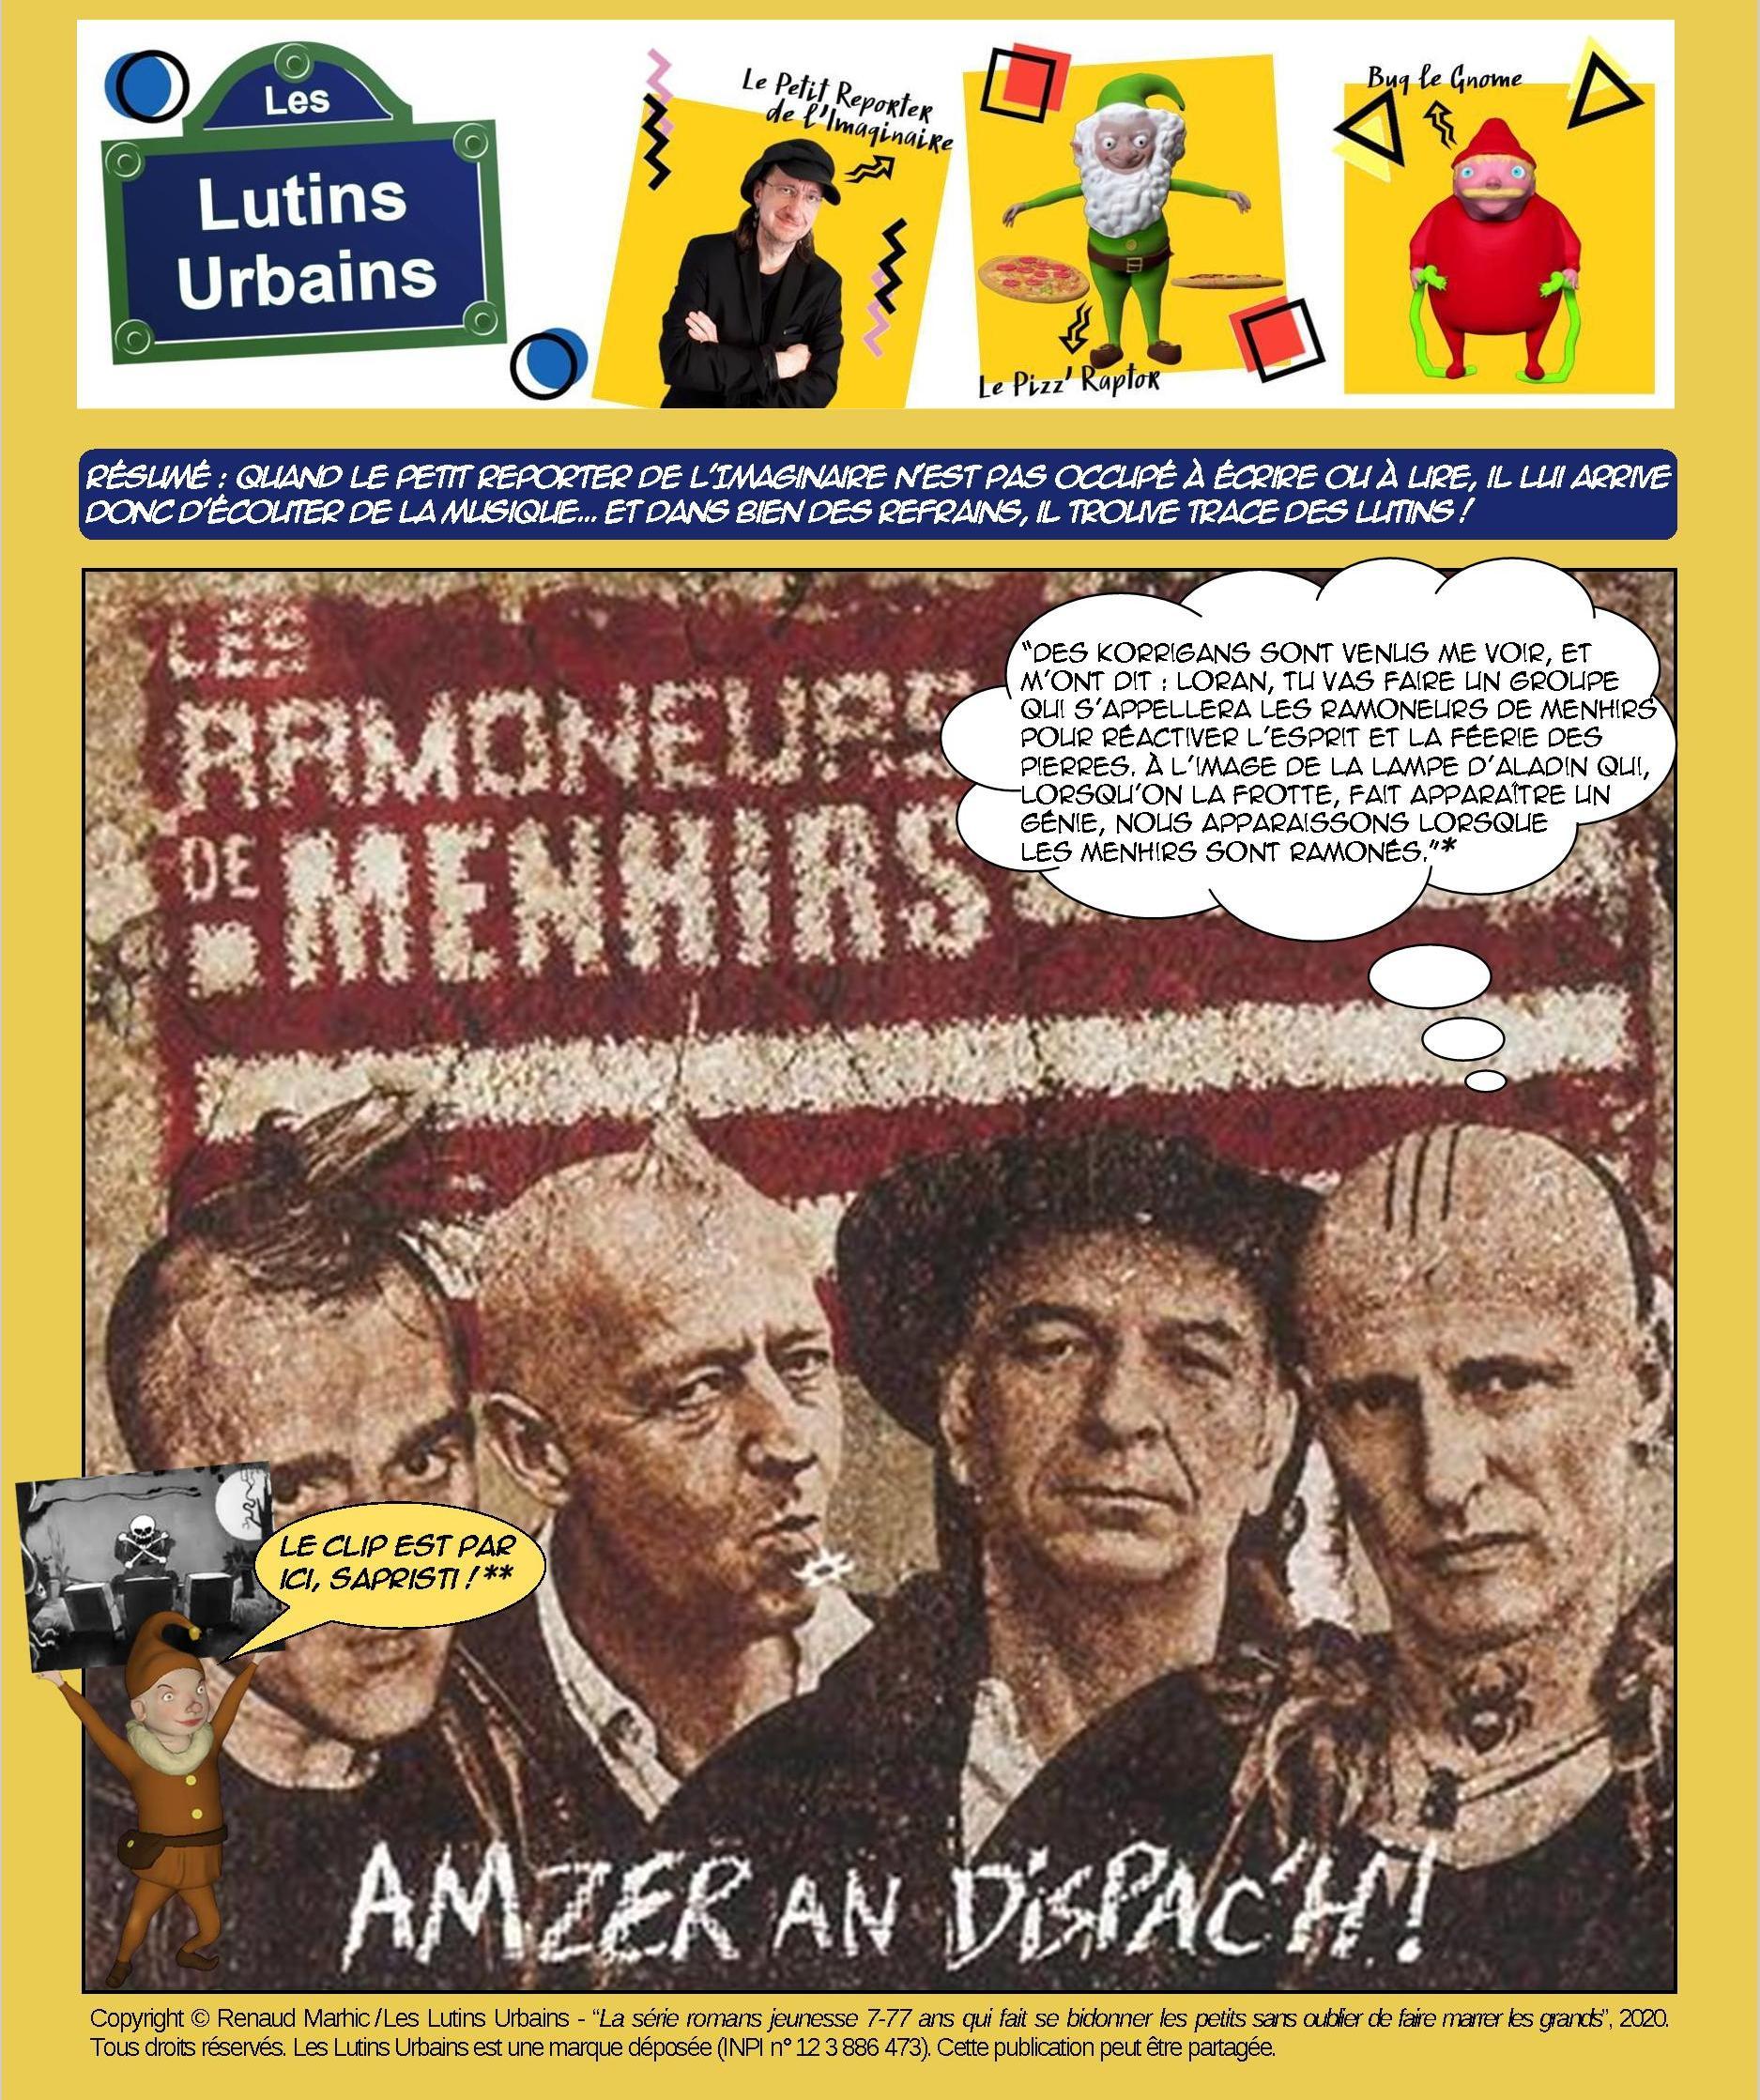 Petit Reporter de l'Imaginaire – Des musiciens et des lutins (11) : Les Ramoneurs de Menhirs